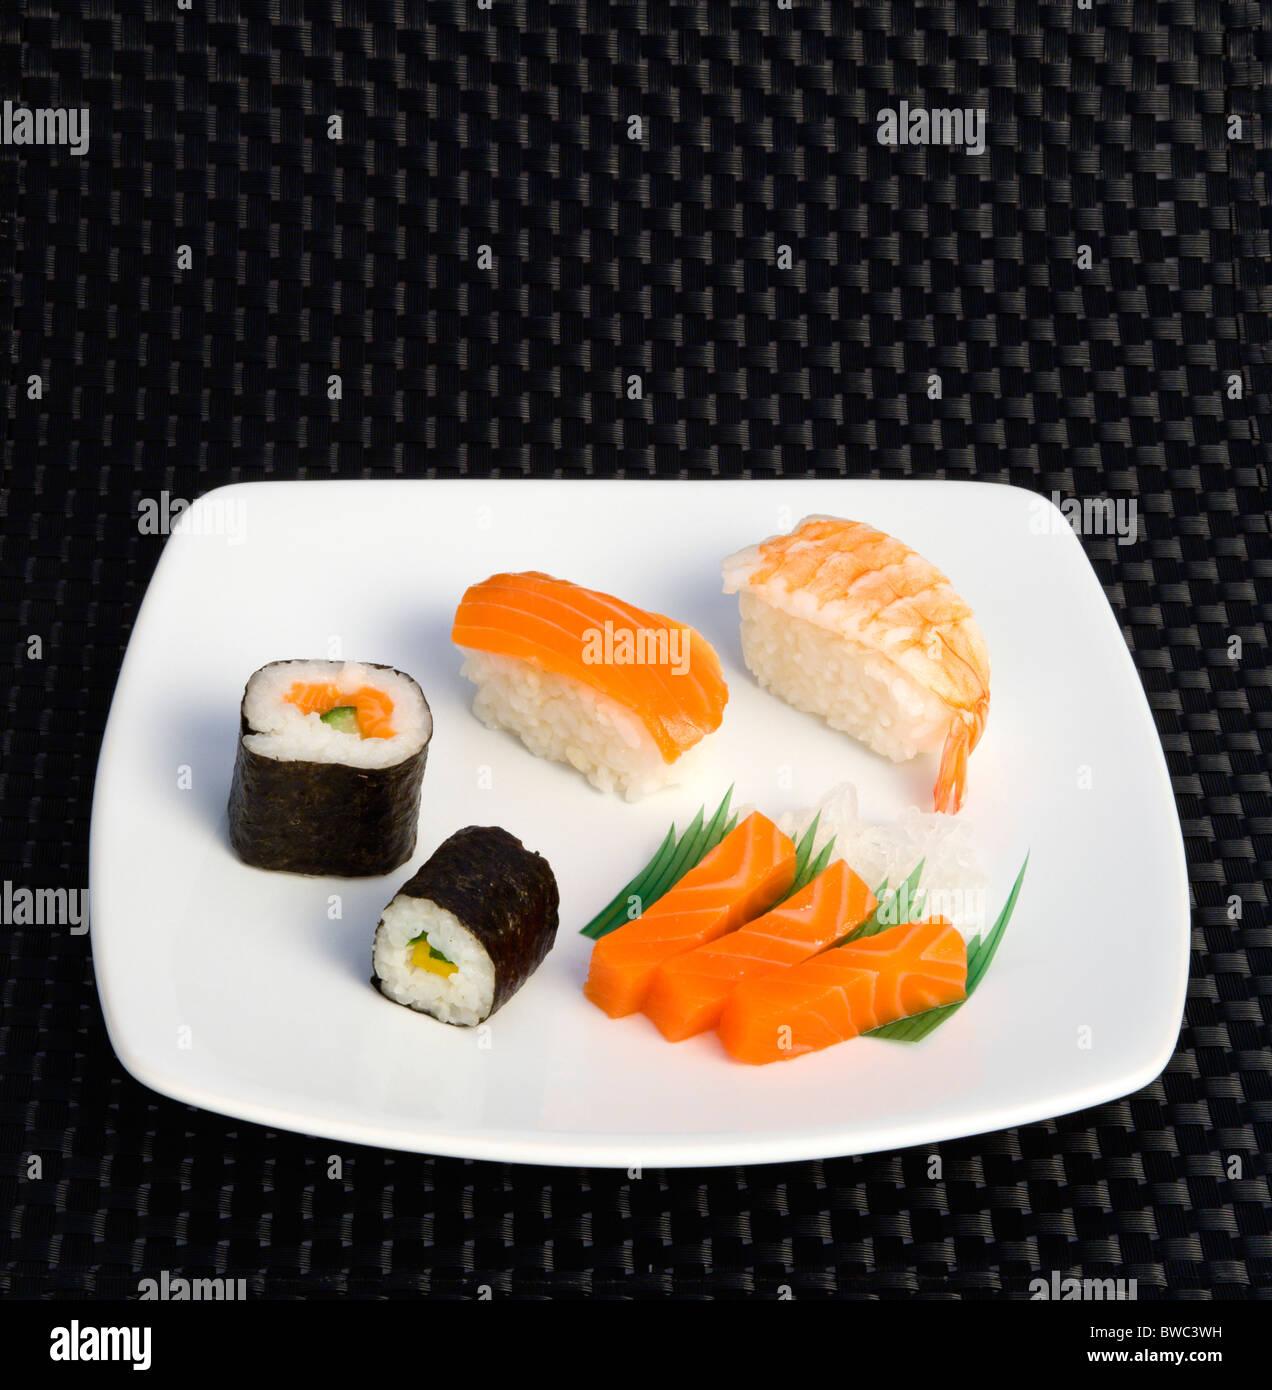 La nourriture, Sushi, Sushi, repas avec du riz enveloppé dans la plaque d'algues et de fruits de mer et Photo Stock